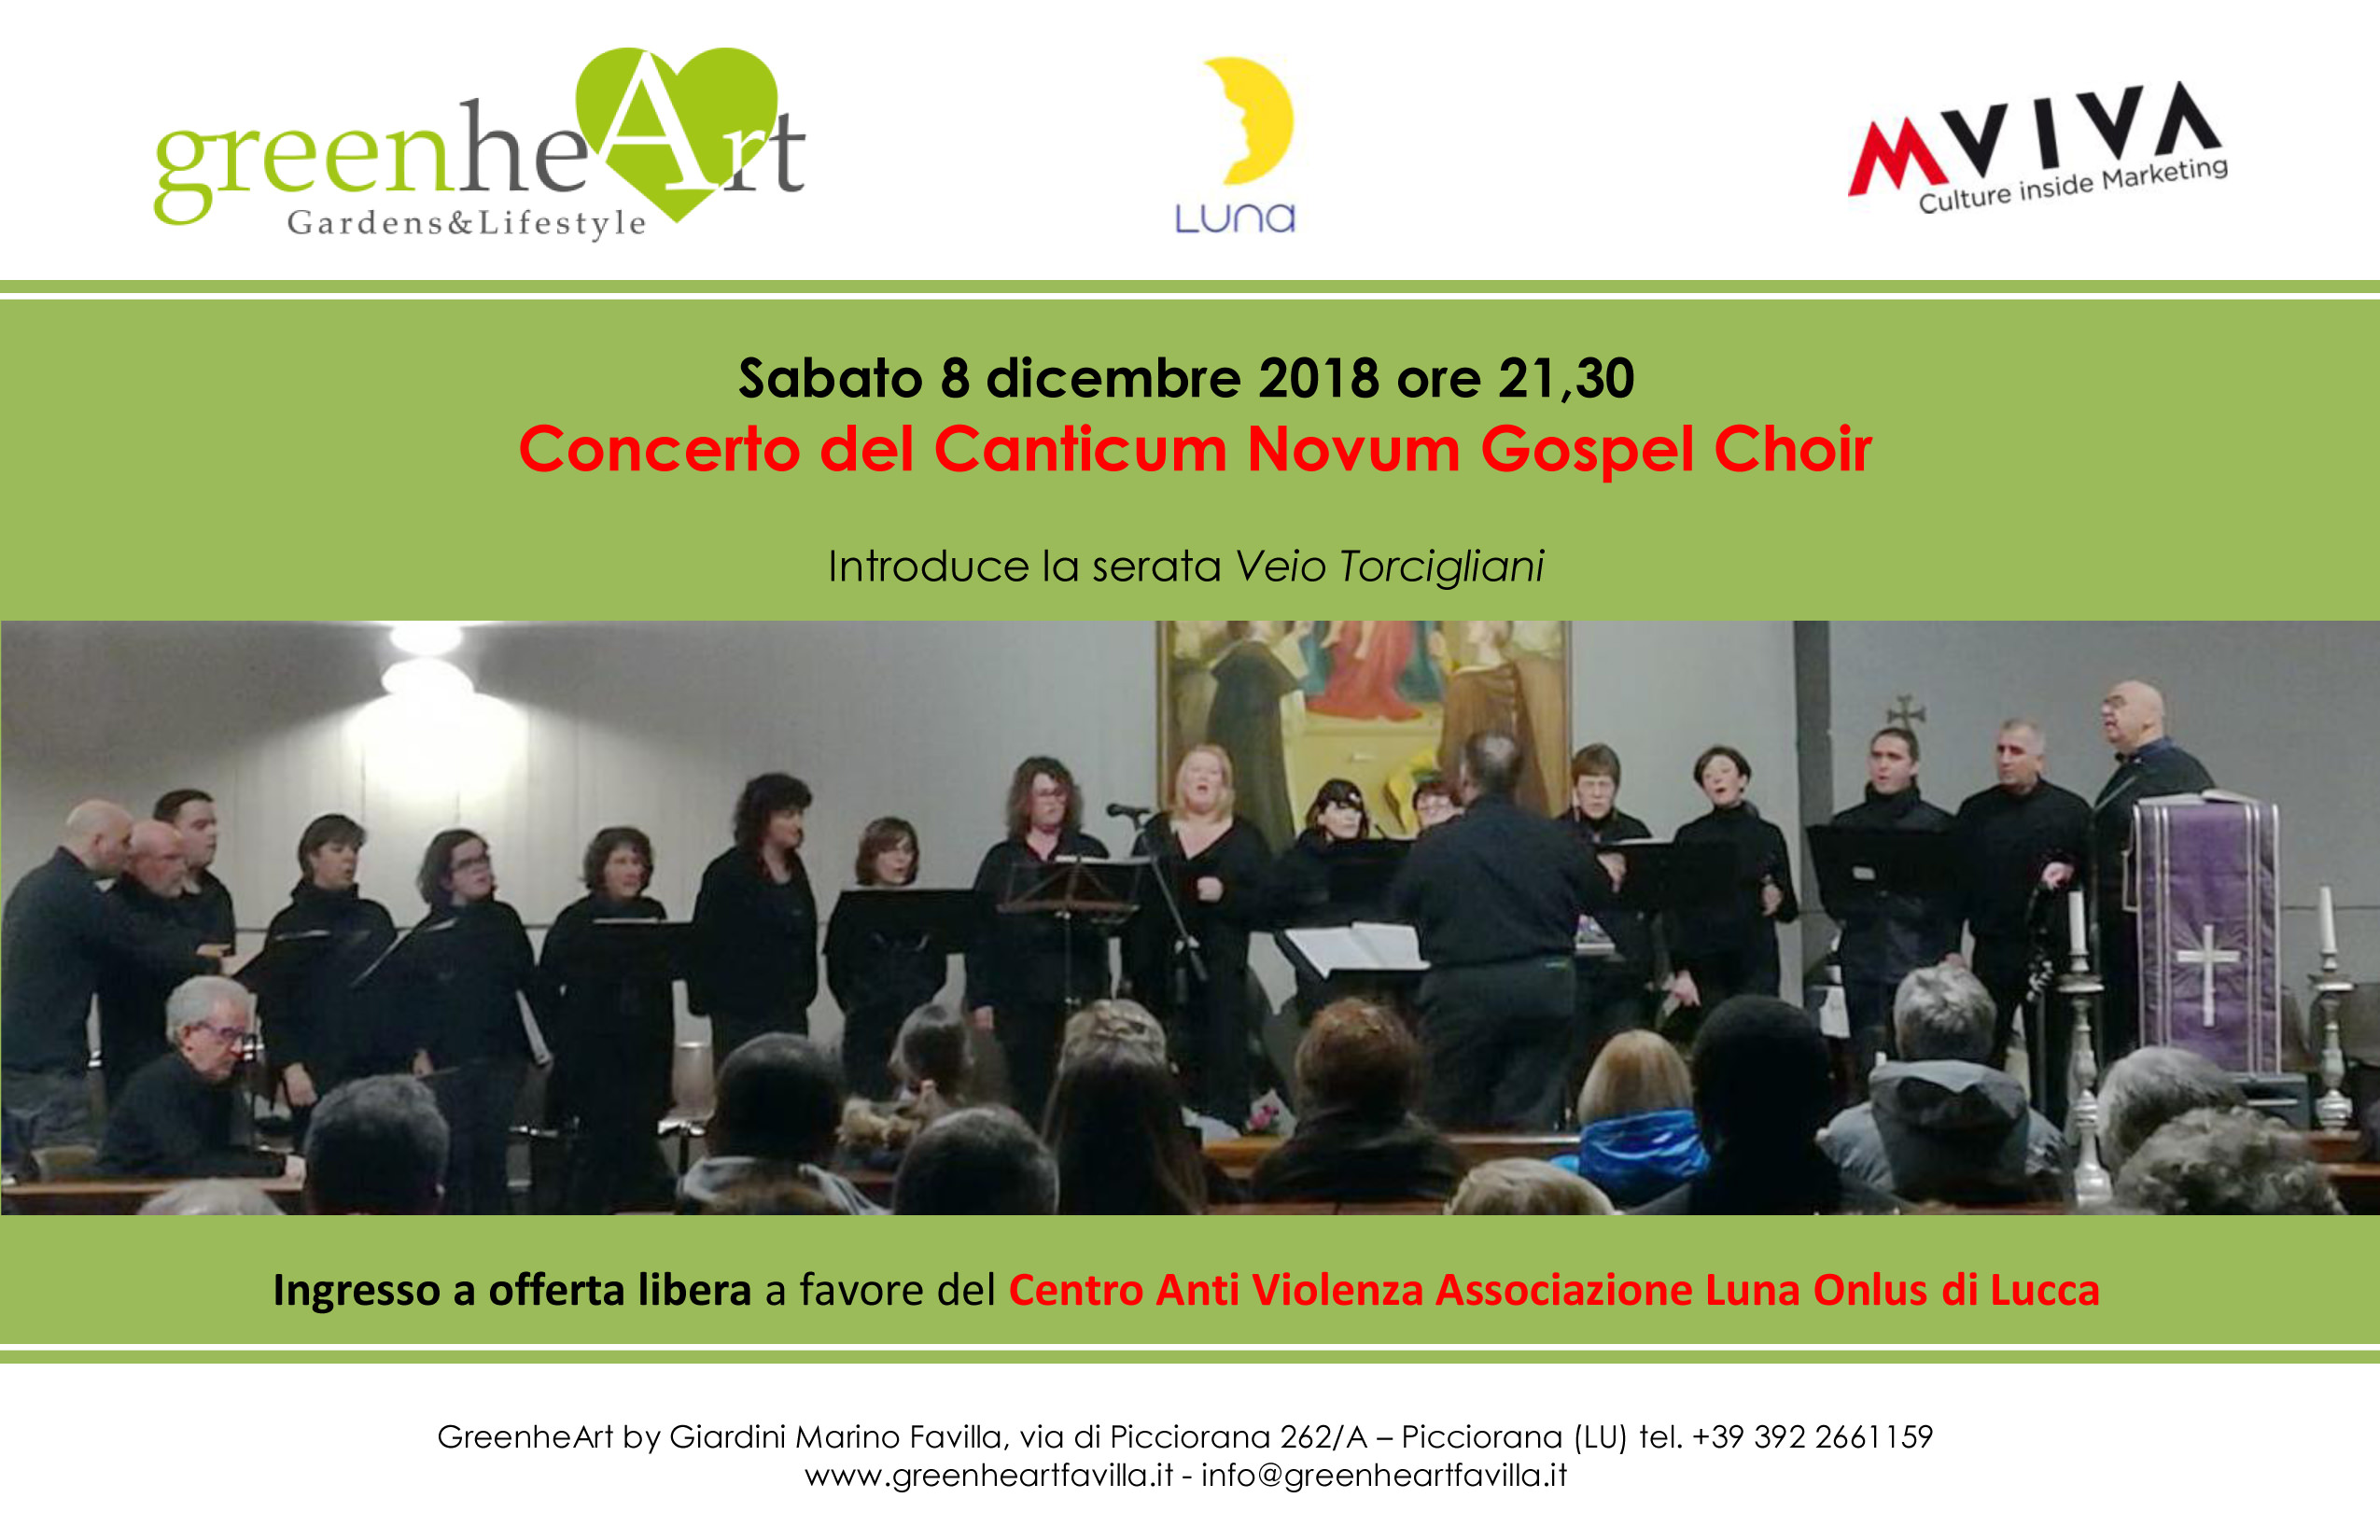 invito Canticum Novum Gospel Choir